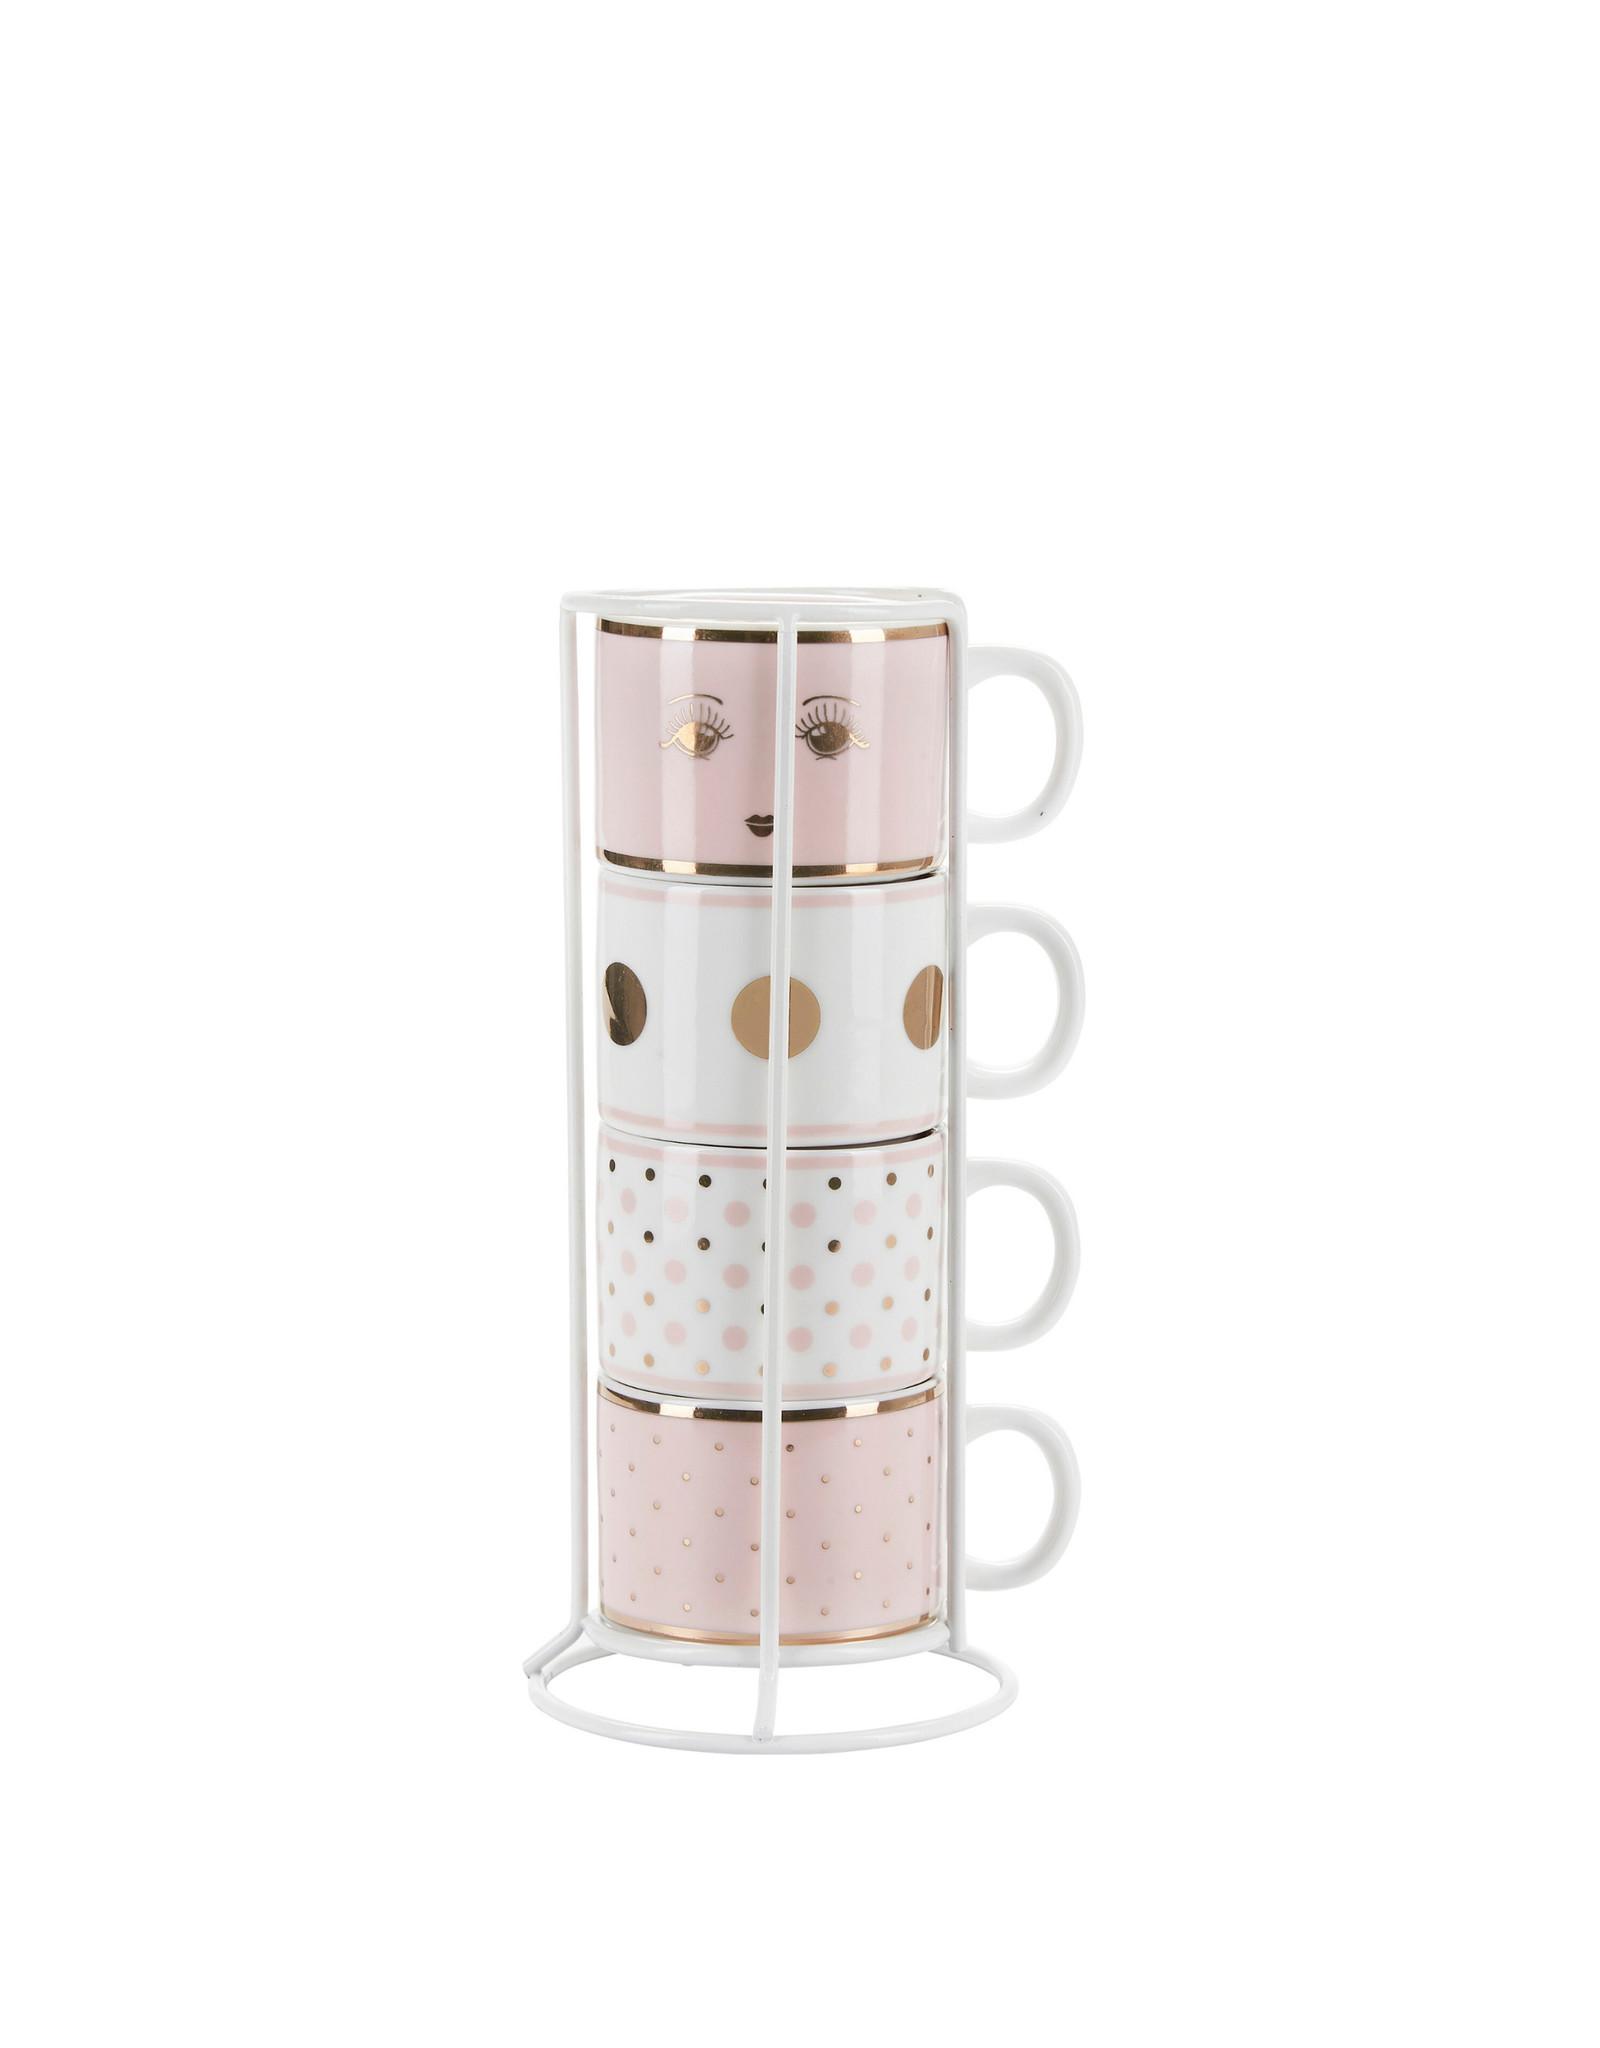 Miss Etoile Espresso Tassen in Houder - Pastel Pink